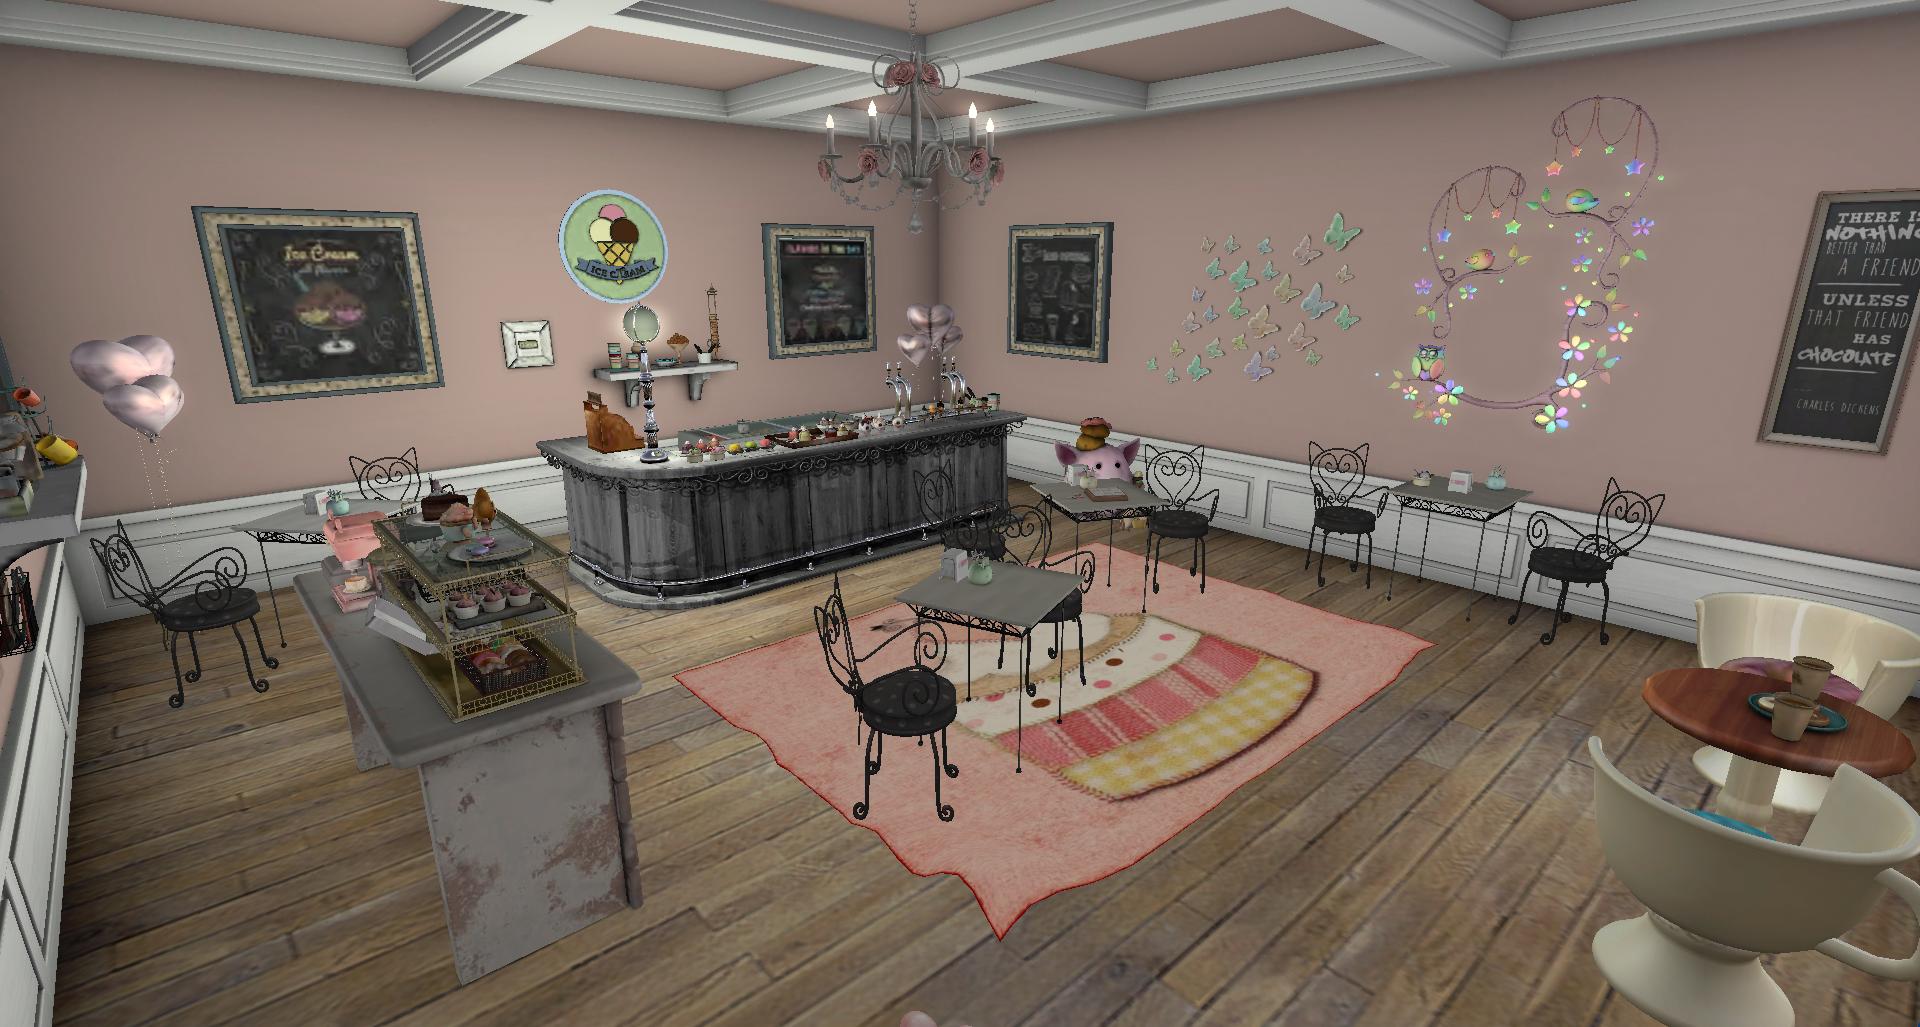 Cafe-interior-May-2017_002.png